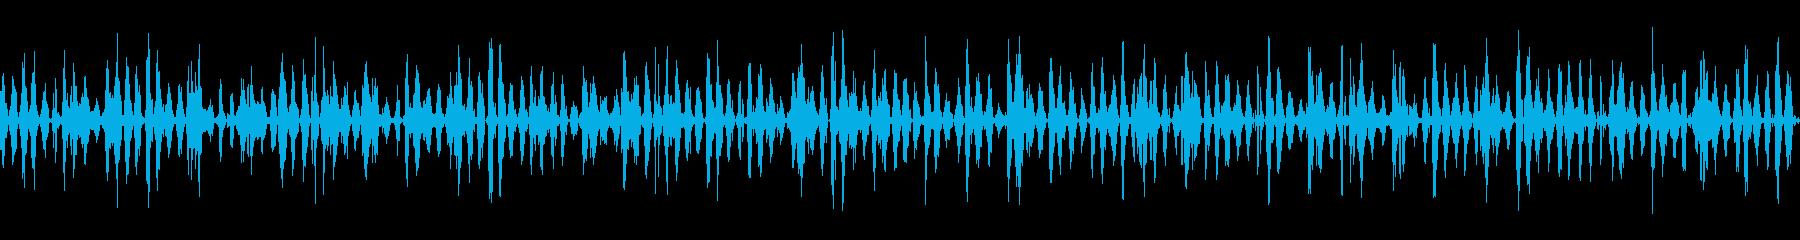 ロボットの足跡の再生済みの波形